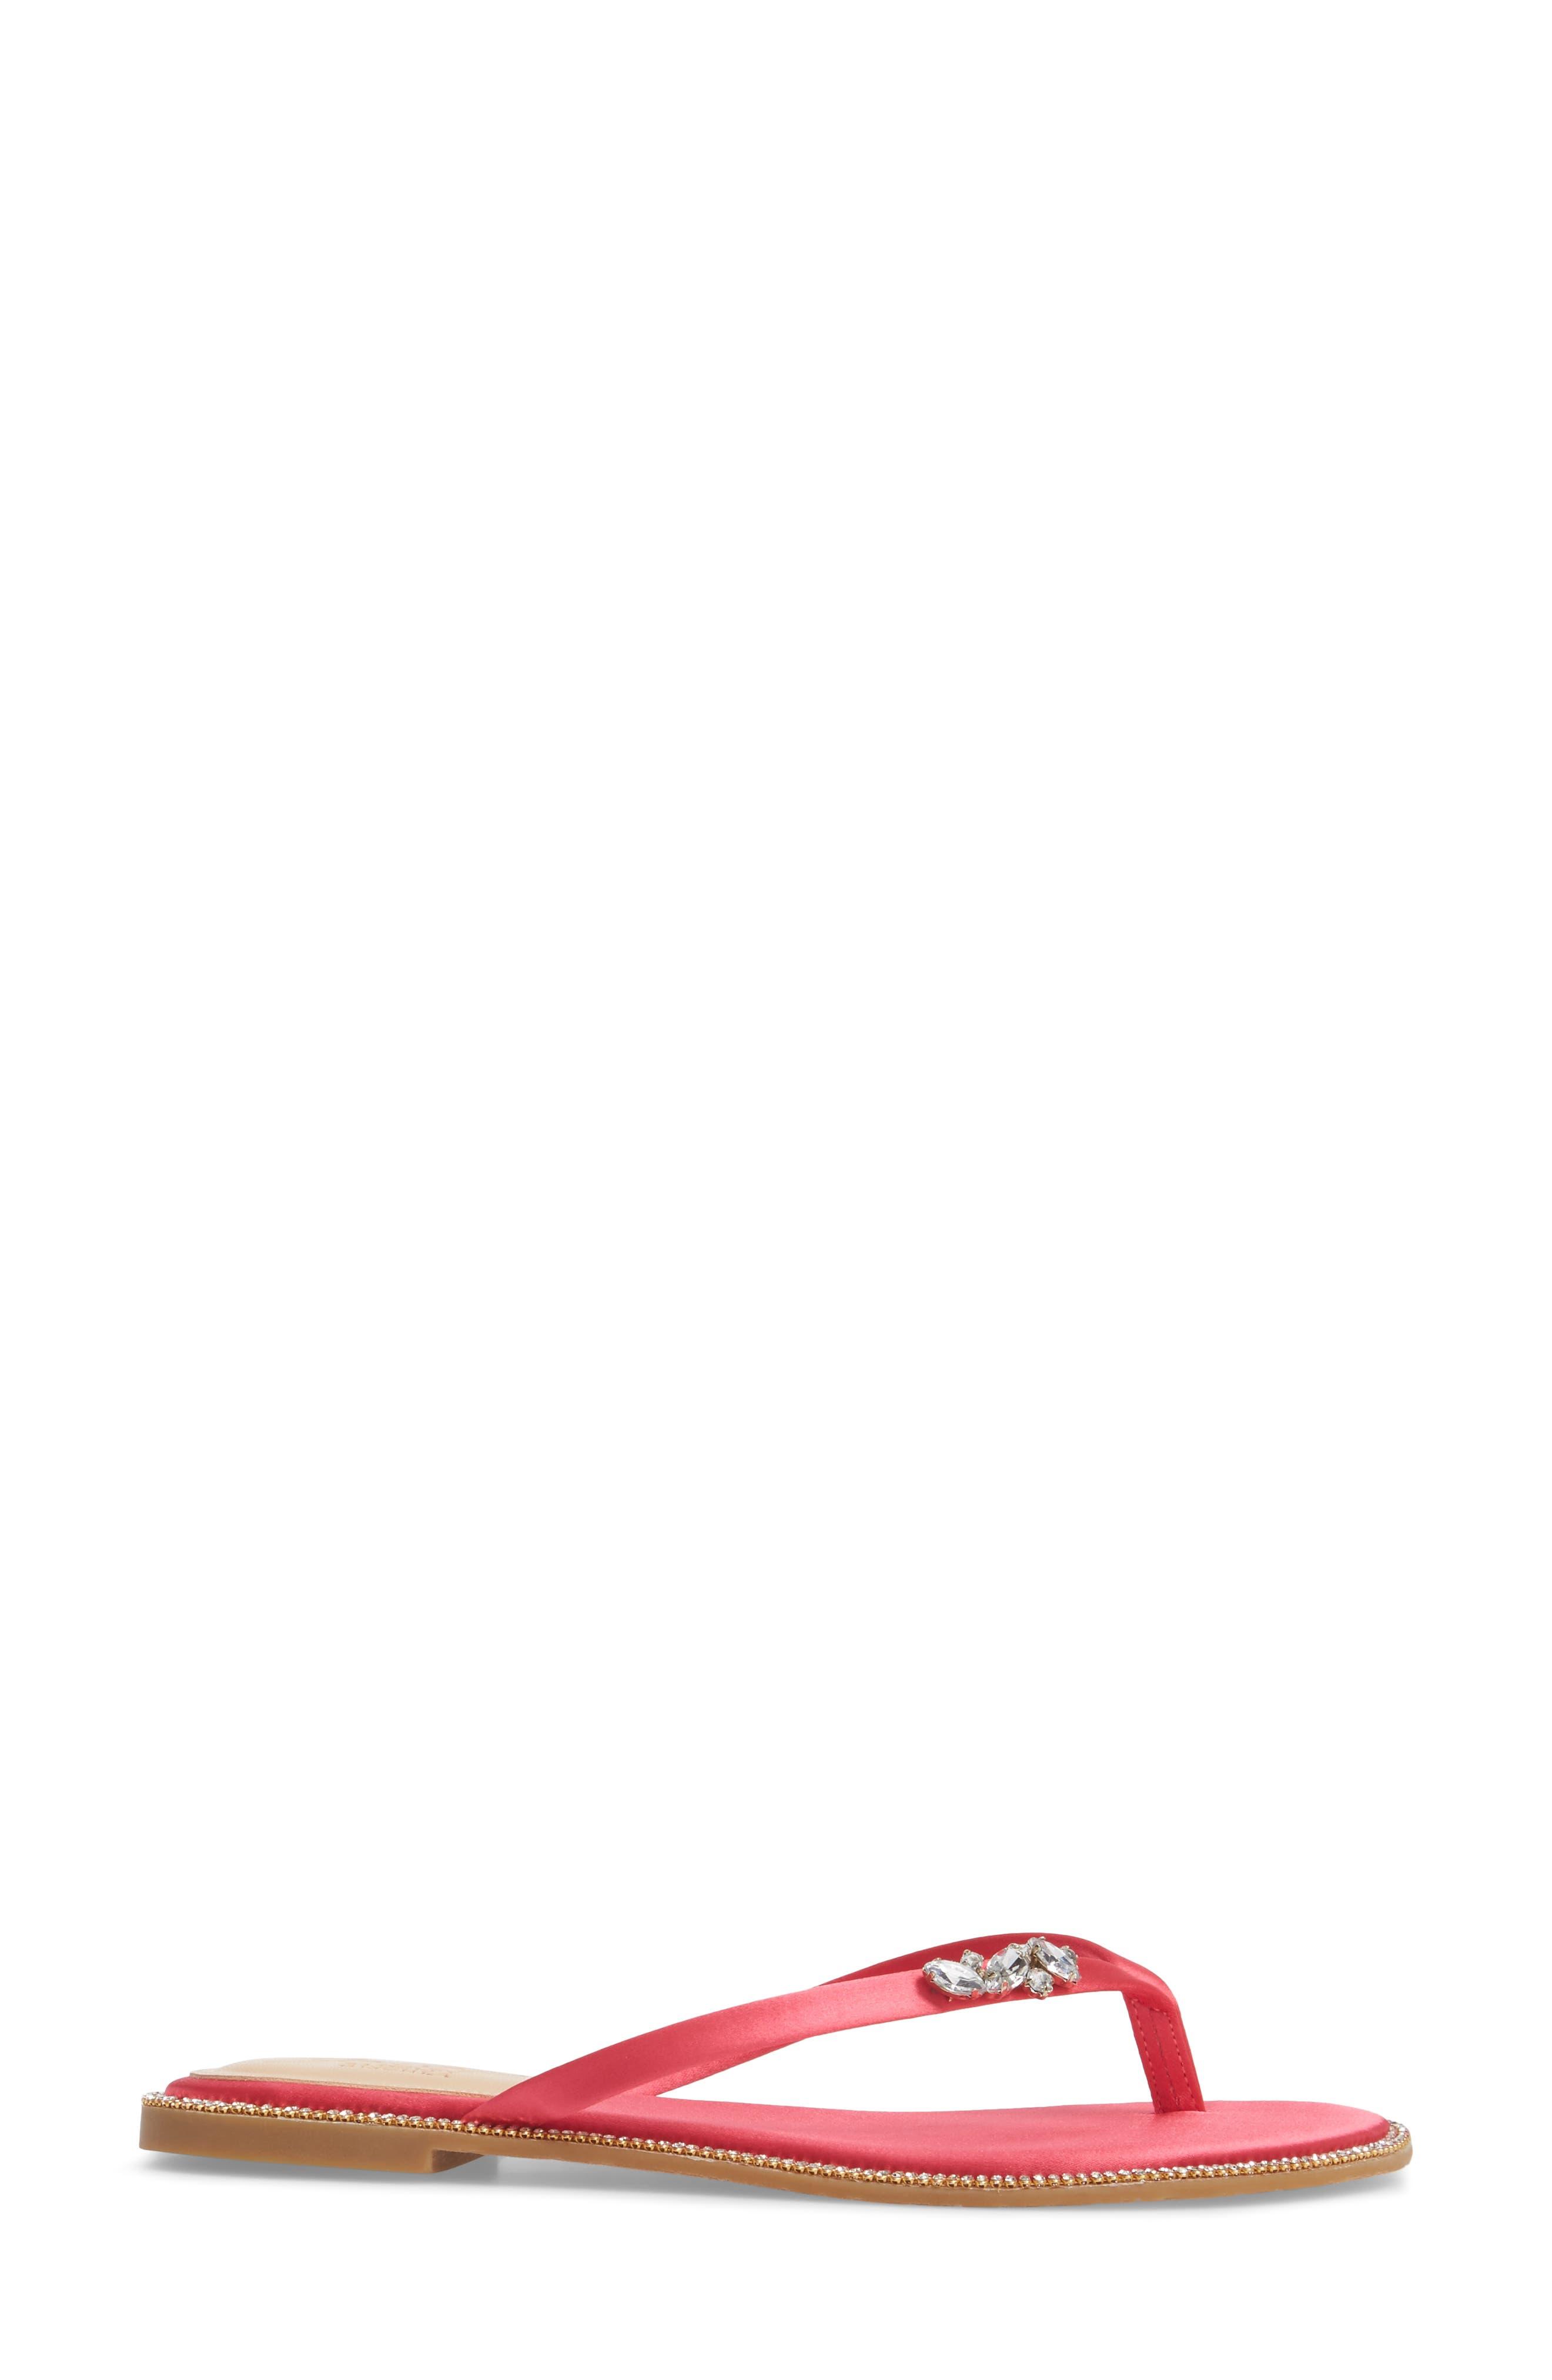 Thalia Crystal Embellished Flip Flop,                             Alternate thumbnail 3, color,                             Pink Leather